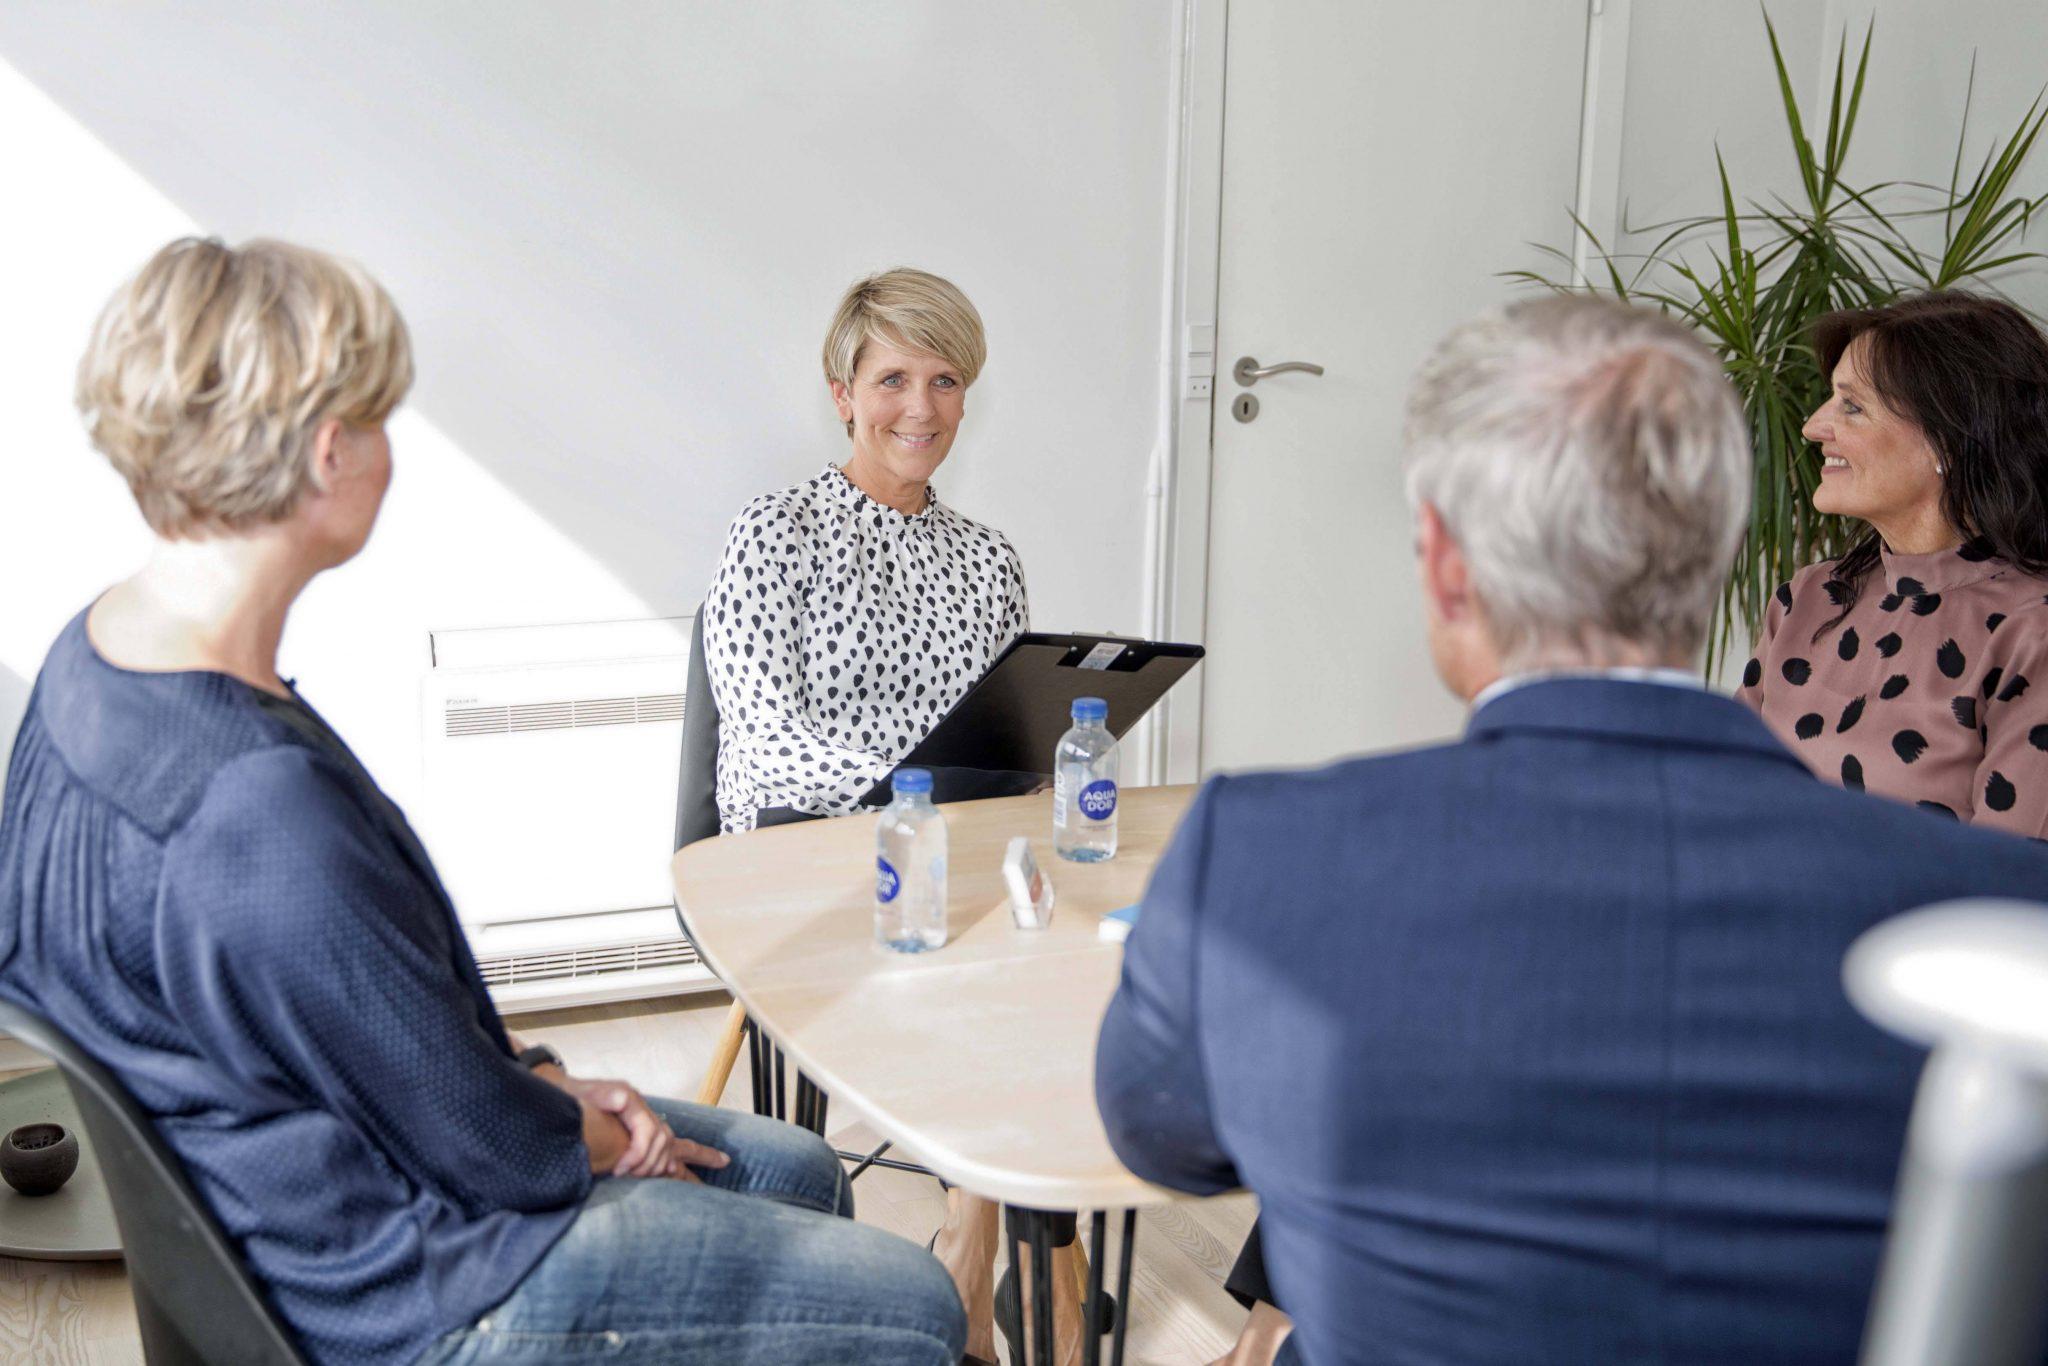 Laila toft snakkende med kunder om at forebygge stress